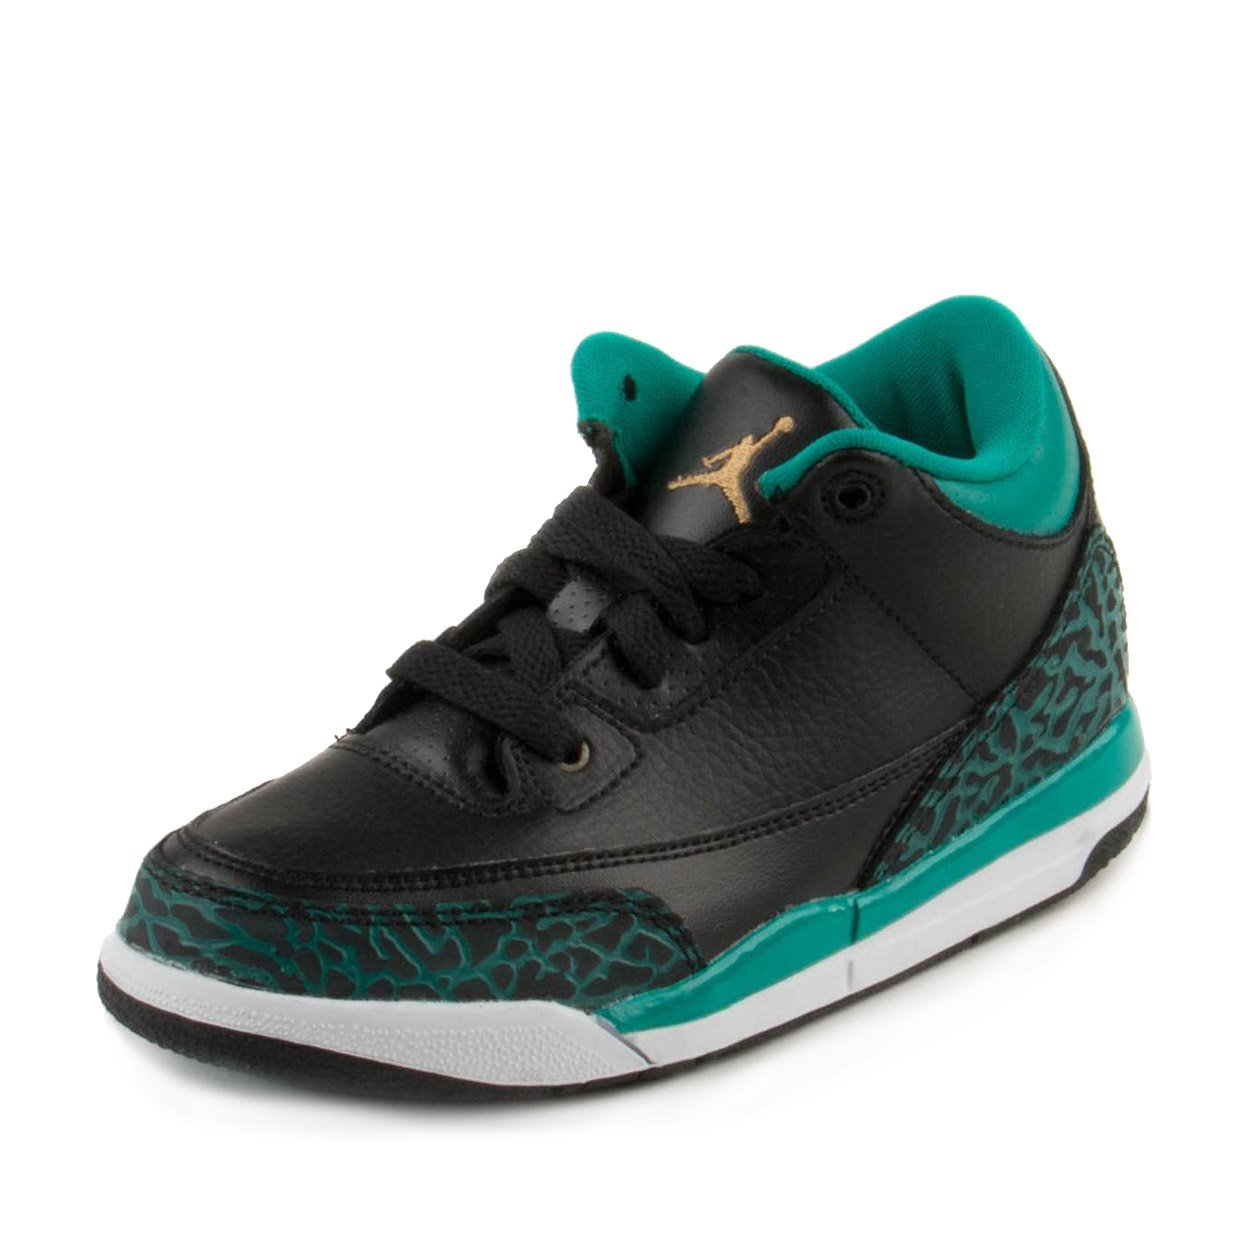 Nike Baby Girls Air Jordan 3 Retro GG Black/Metallic Gold-Teal Leather Size 1.5Y